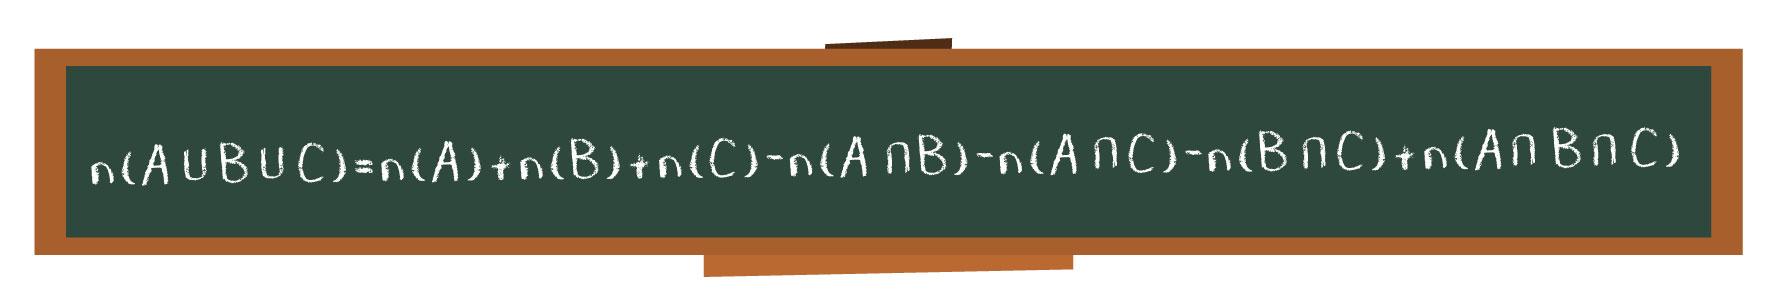 Fórmula do número de elementos da união entre três conjuntos no quadro negro